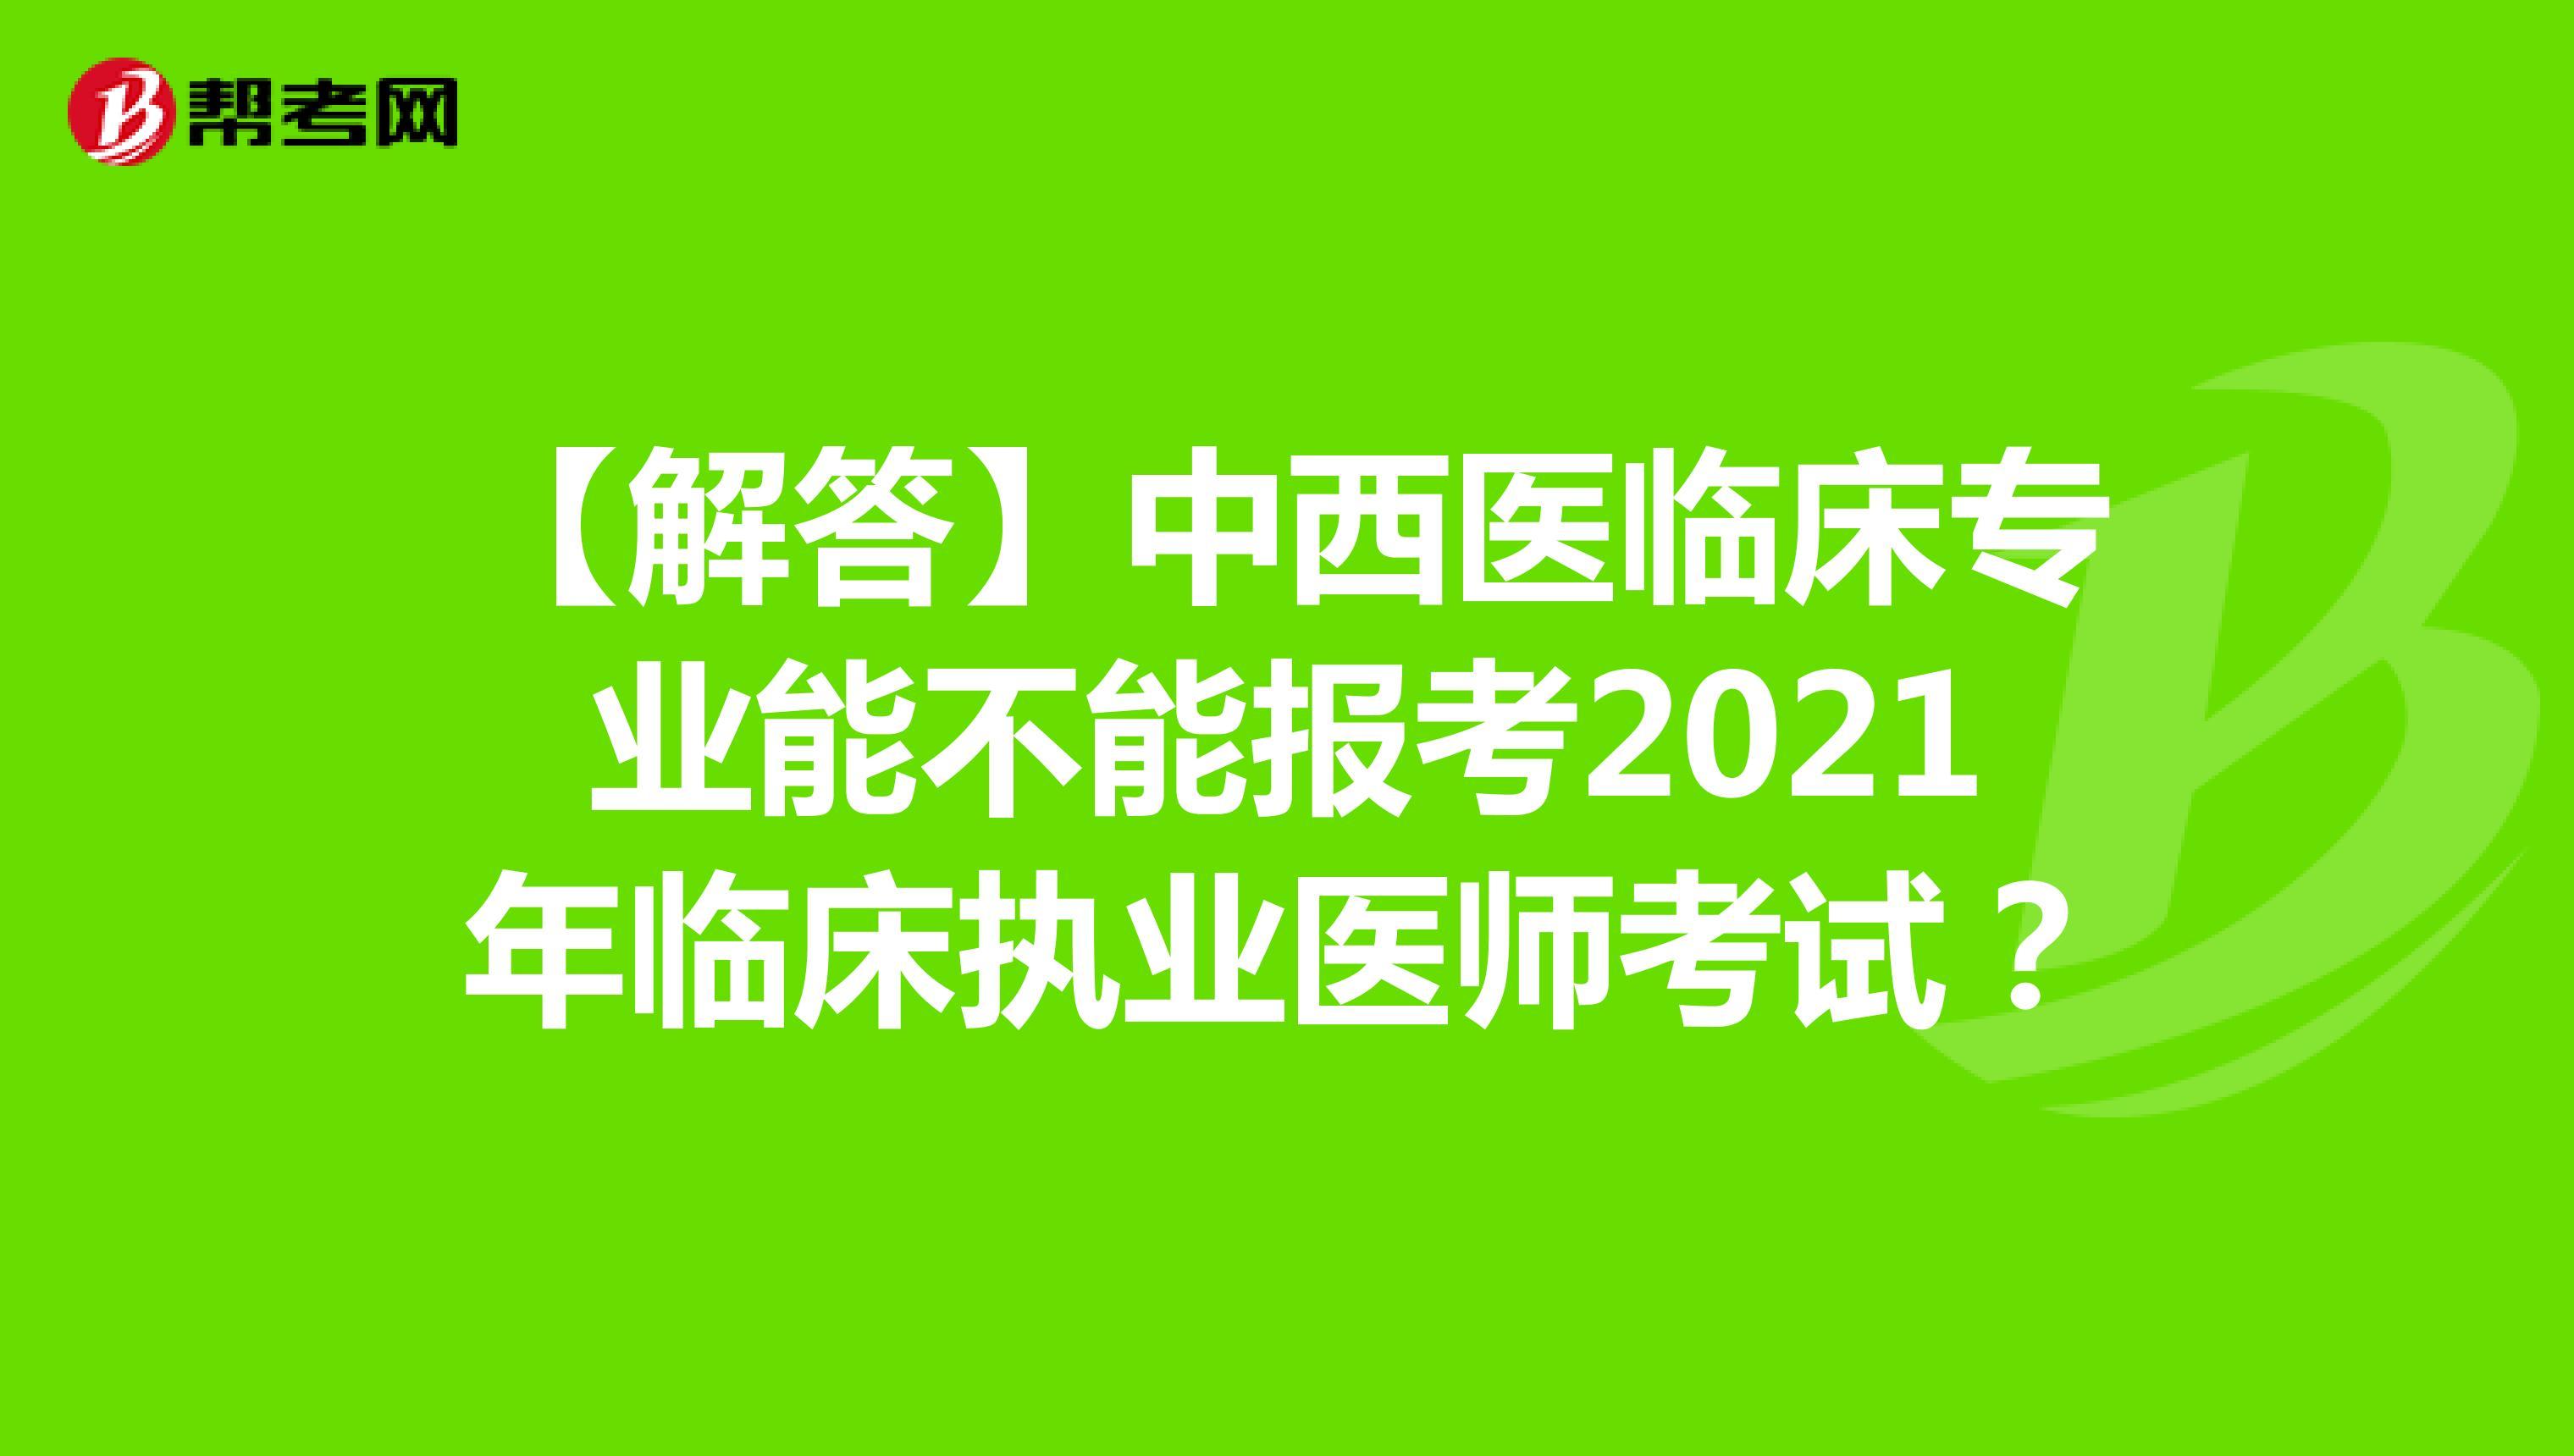 【解答】中西医临床专业能不能报考2021年临床执业医师考试?